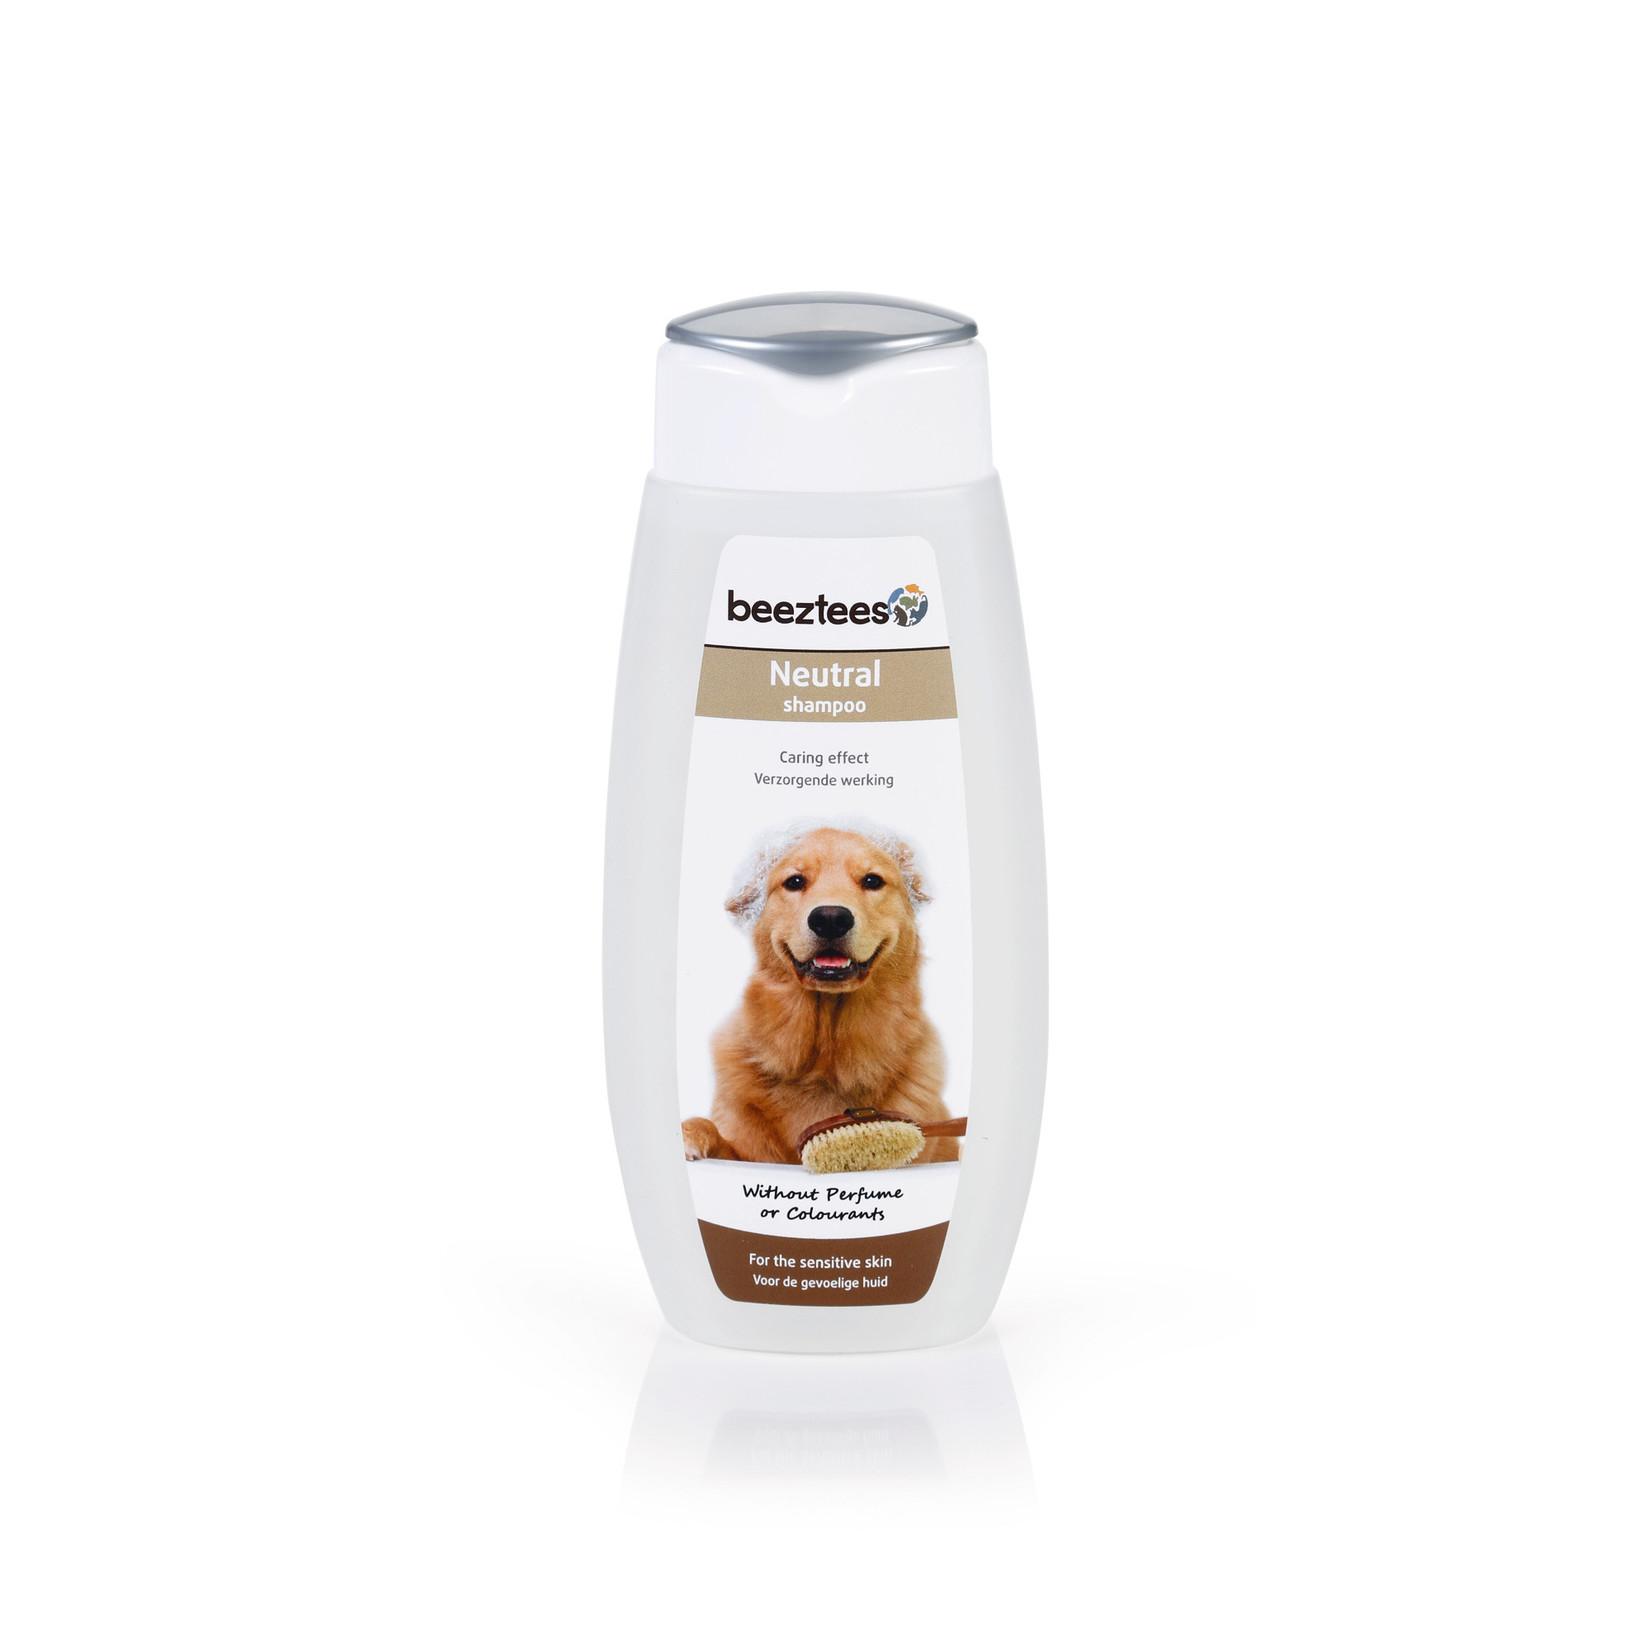 Beeztees BZ Shampoo Neutral